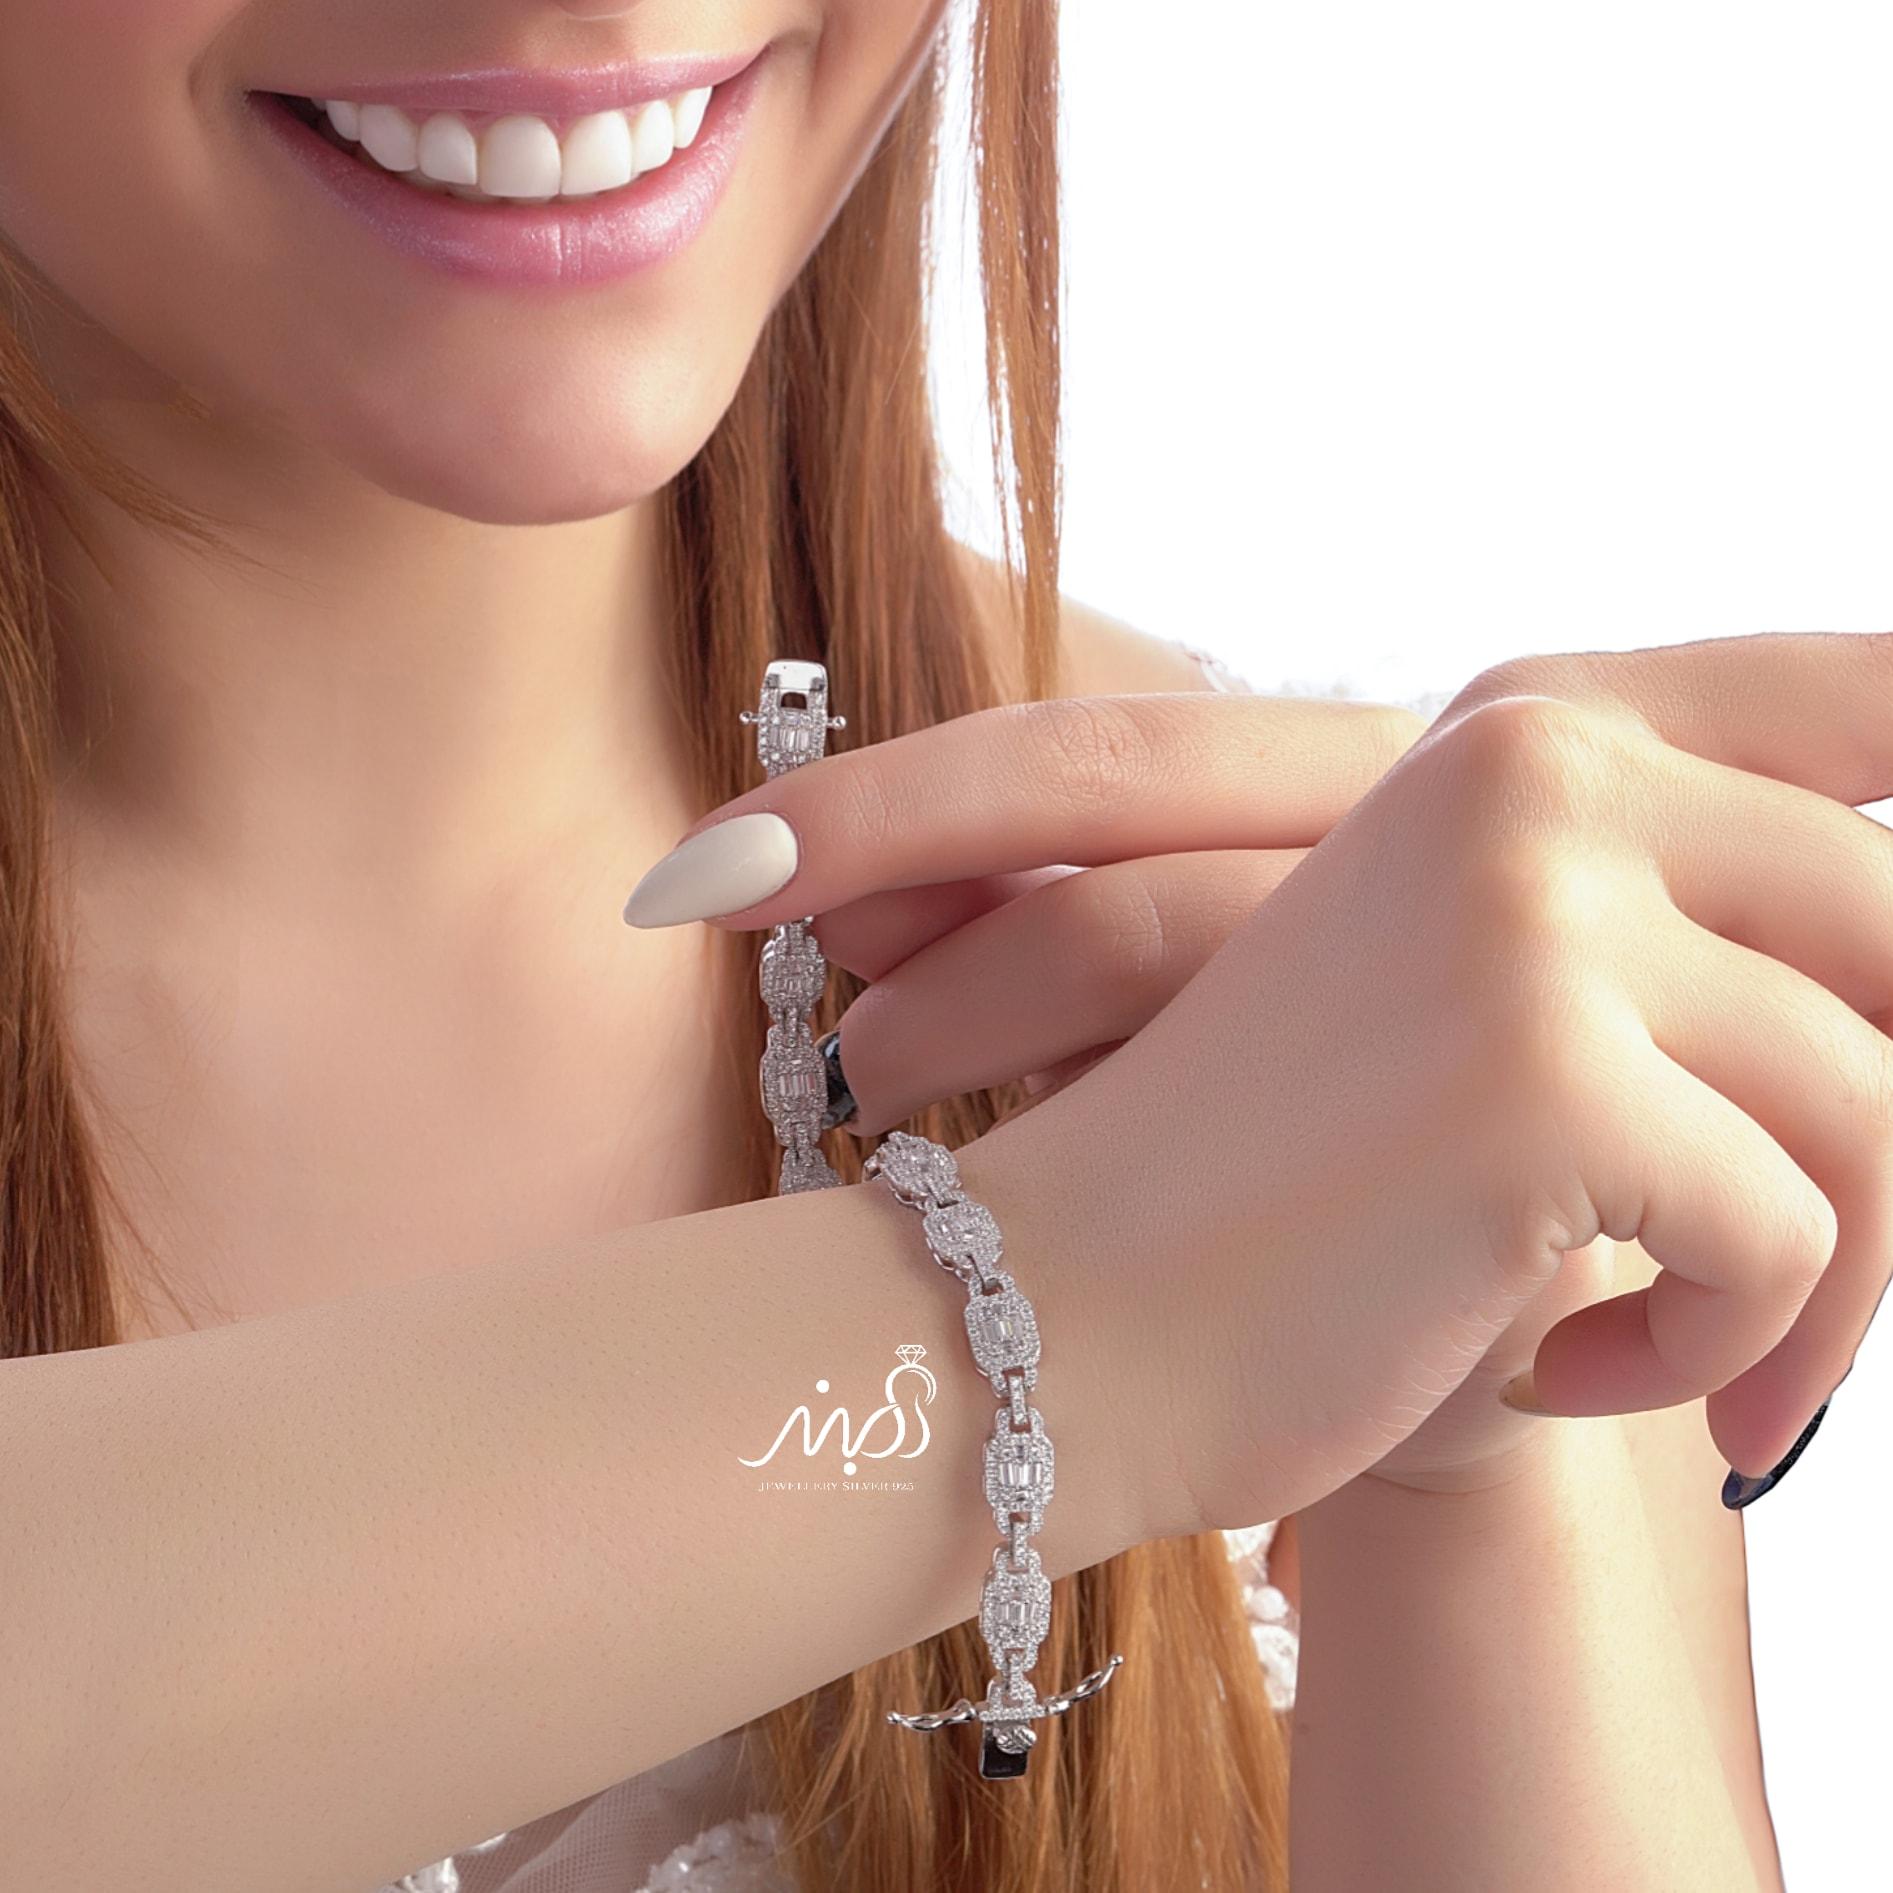 💍دستبند جواهری لوکس و زیبا امرالد ، نقره عیار ۹۲۵ با روکش طلا سفید و قفل جواهری(D_7025)